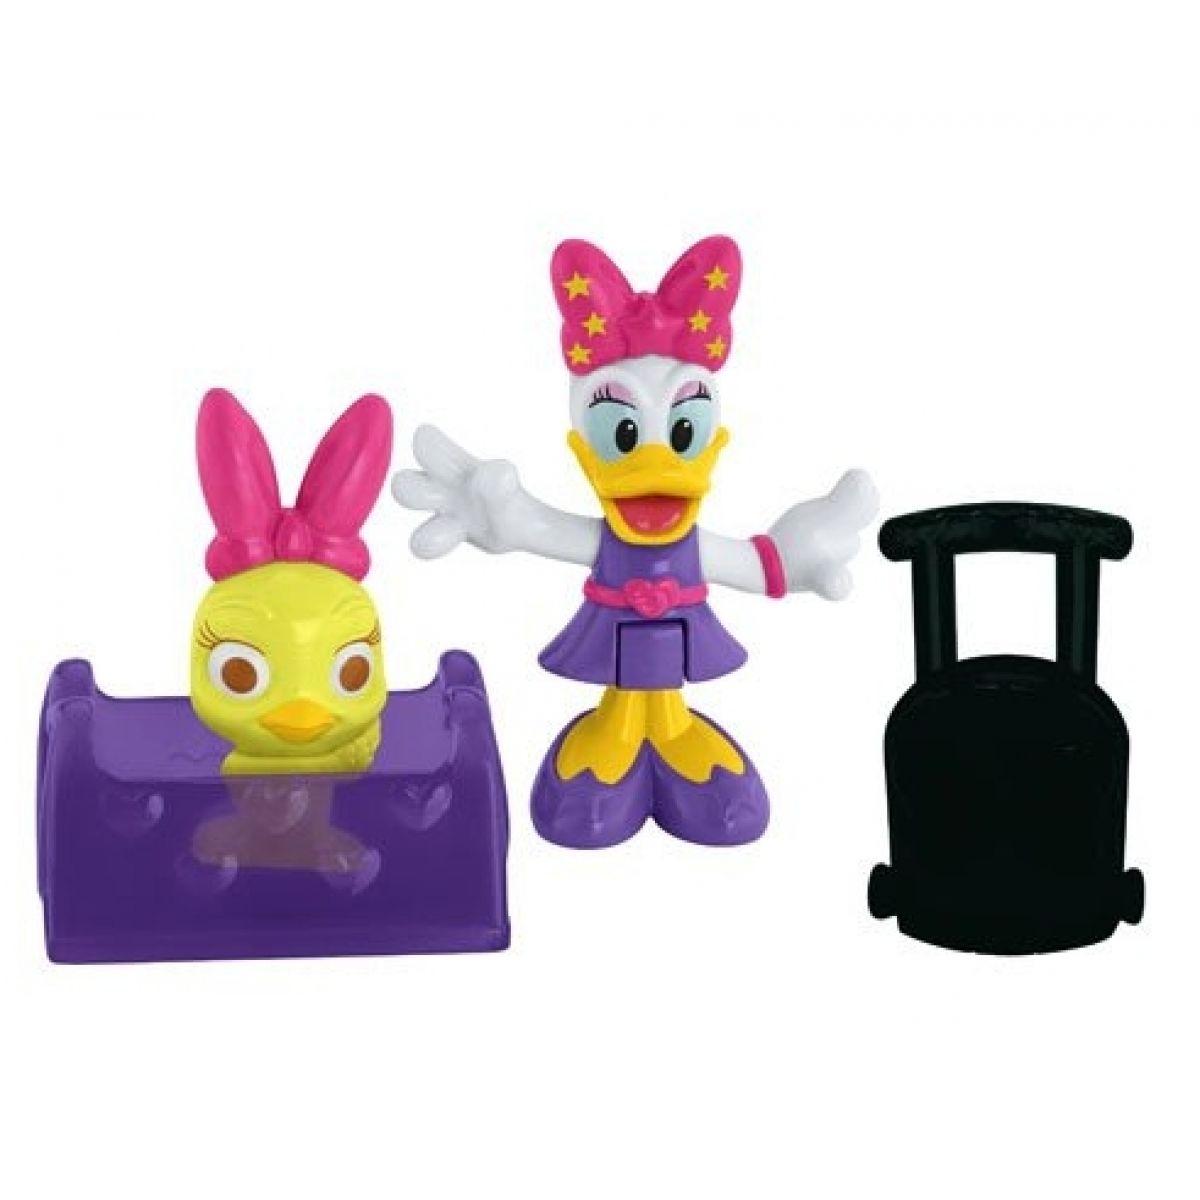 Fisher Price Minnie a Daisy figurka s doplňky - na cestách s Daisy